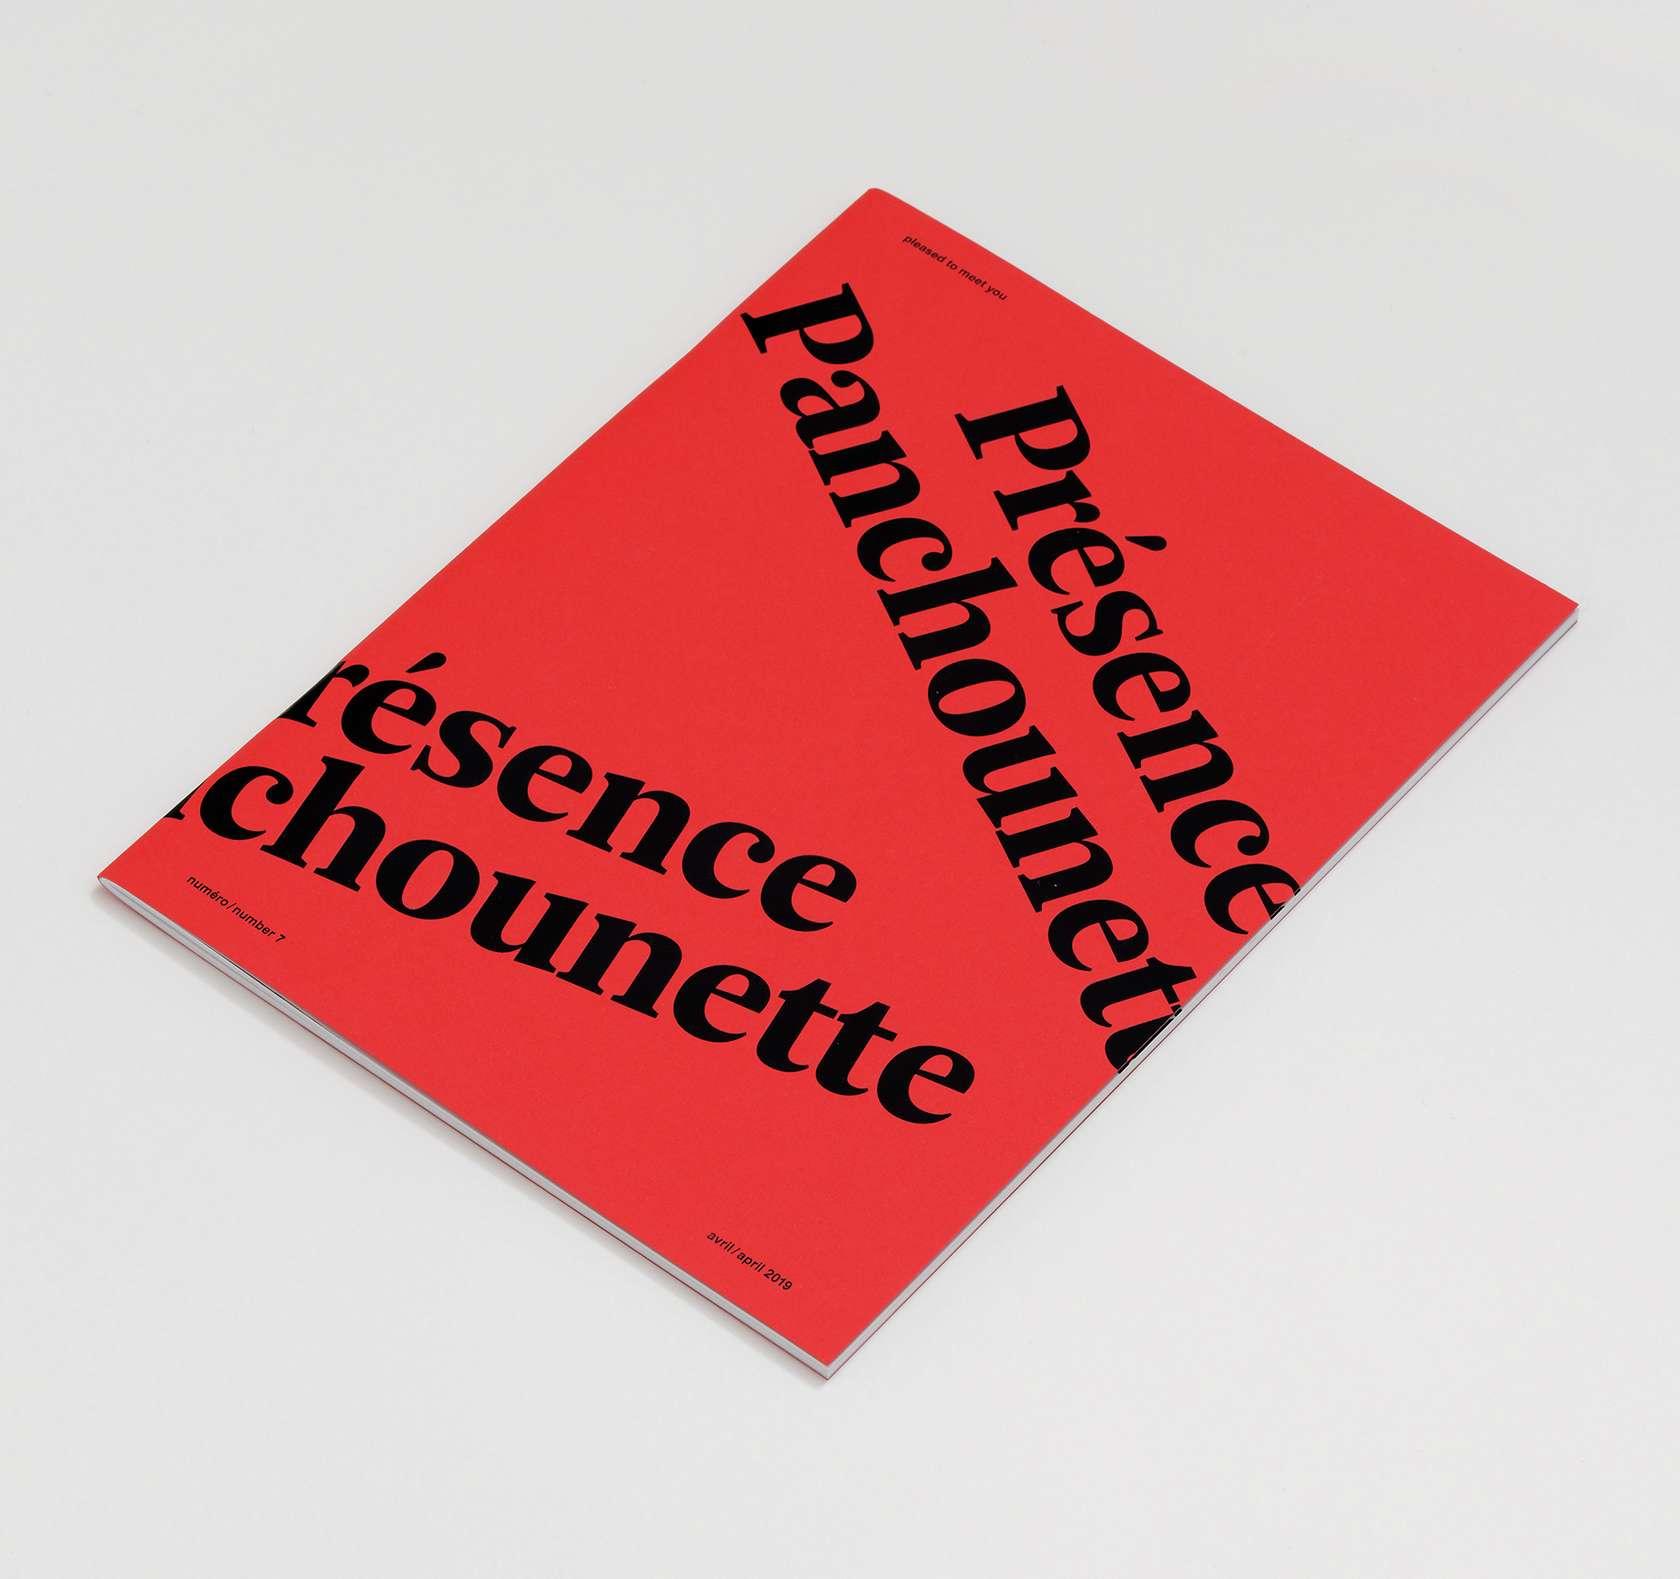 Présence Panchounette